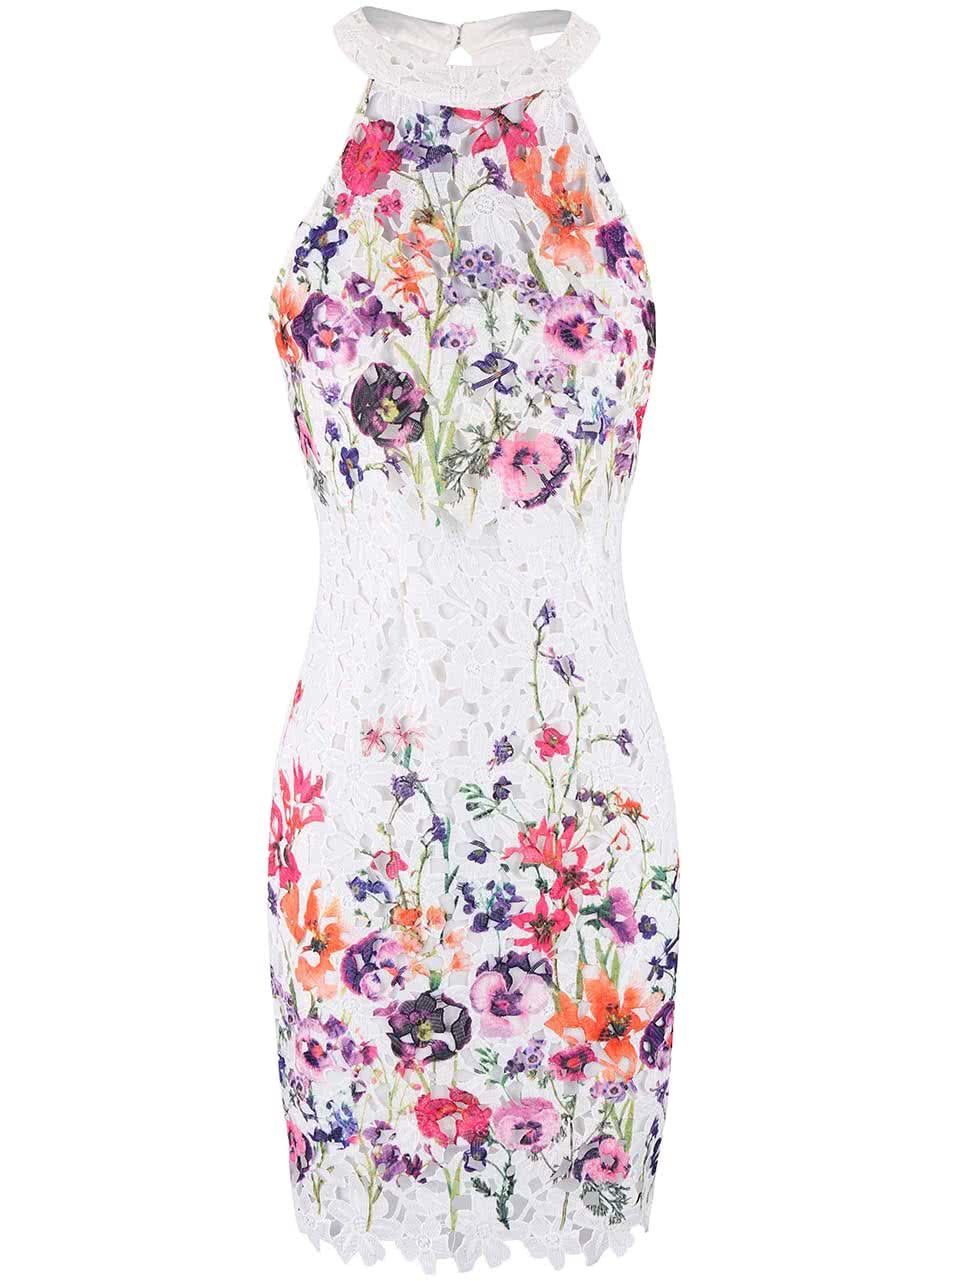 Bílé šaty s barevným potiskem květin Lipsy ... 3ed746b061